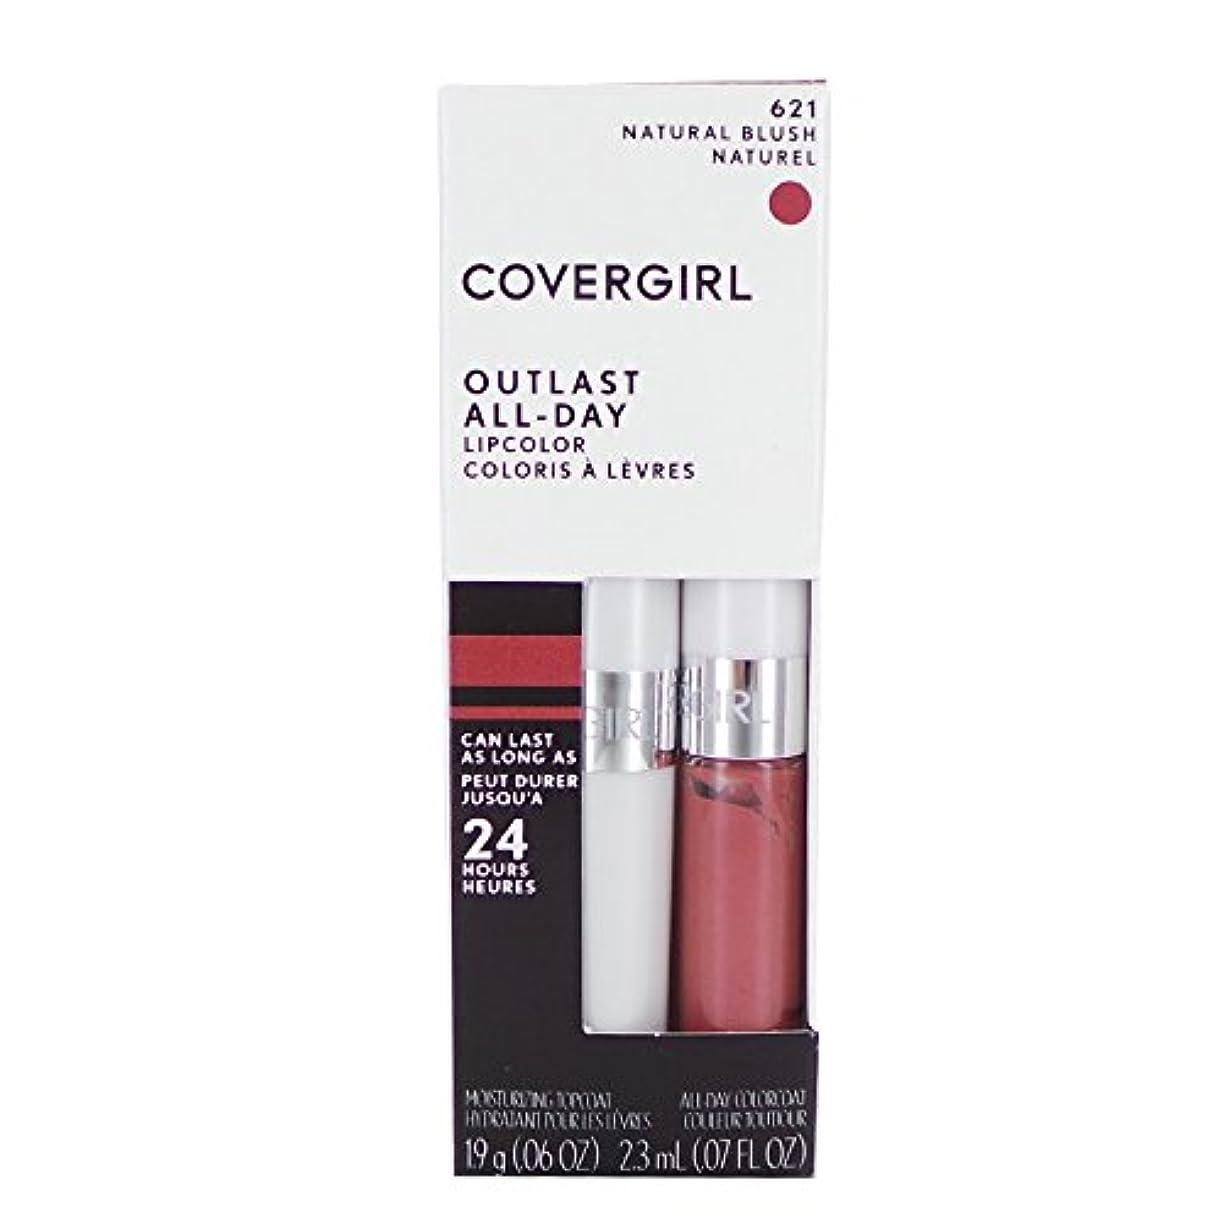 どきどきディベート間違えた(3 Pack) COVERGIRL Outlast All-Day Lip Color - Natural Blush 621 (並行輸入品)